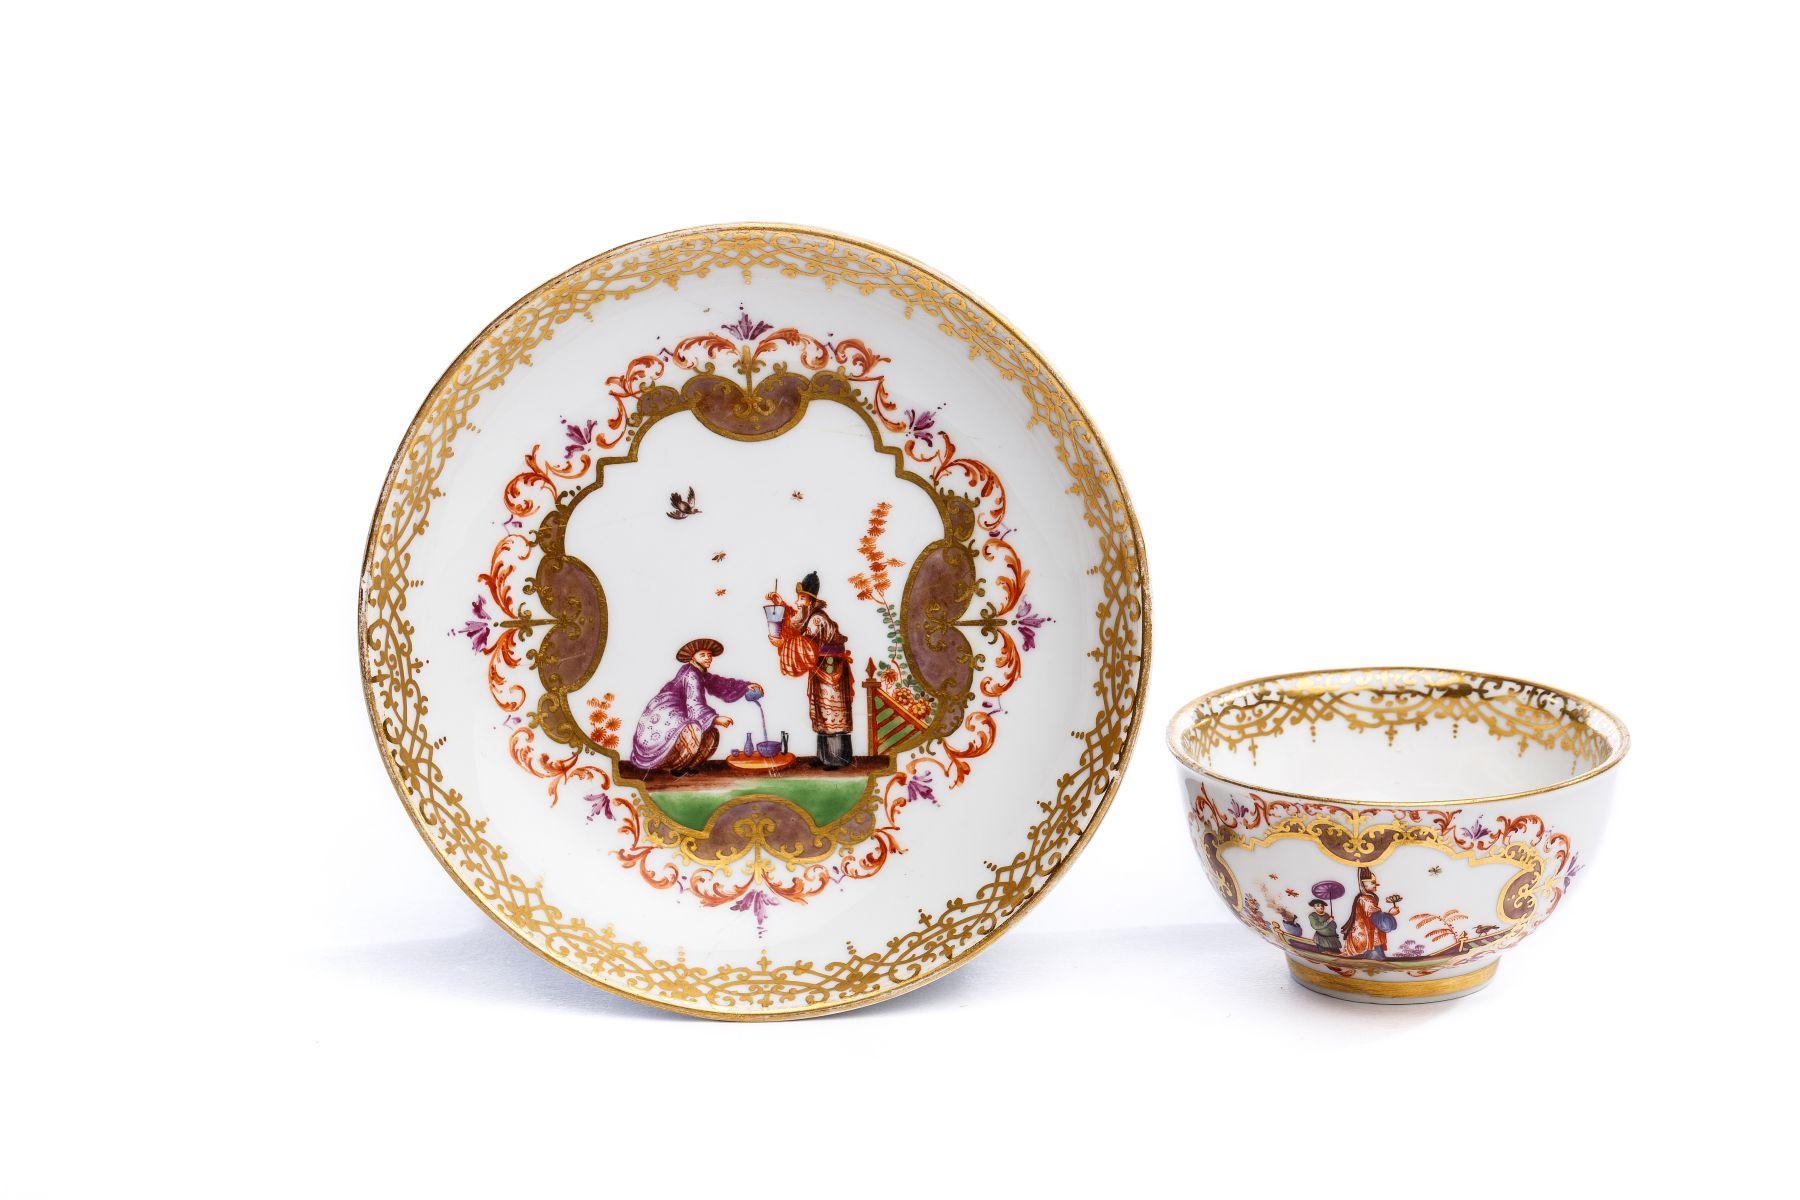 #25 Bowl with Saucer, Meissen 1723/25 | Koppchen mit Unterschale, Meissen 1723/25 Image